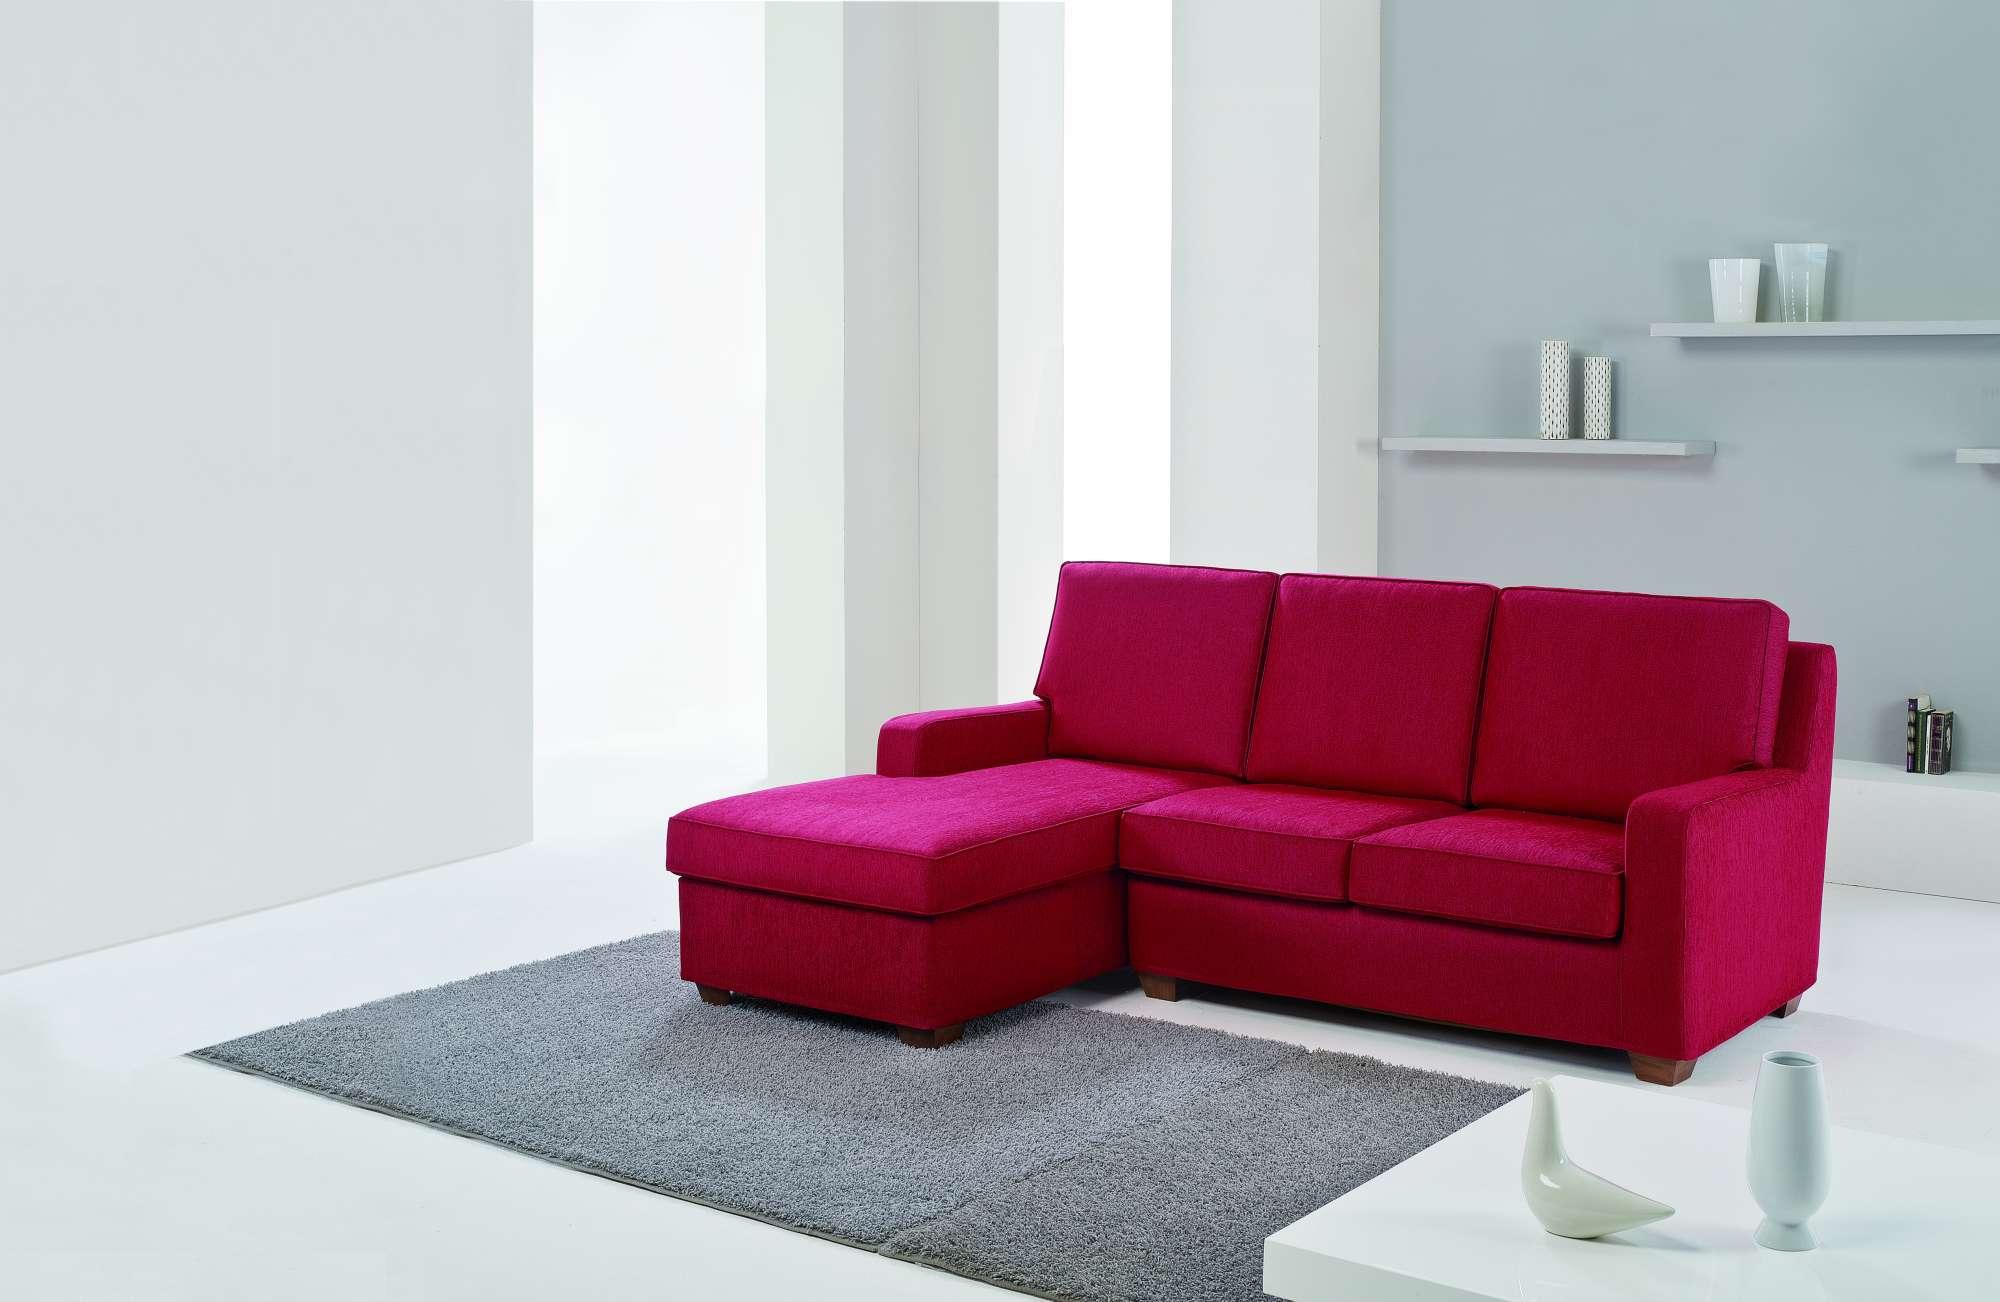 America divani letto componibili collezione intramontabili for Piccolo divano letto